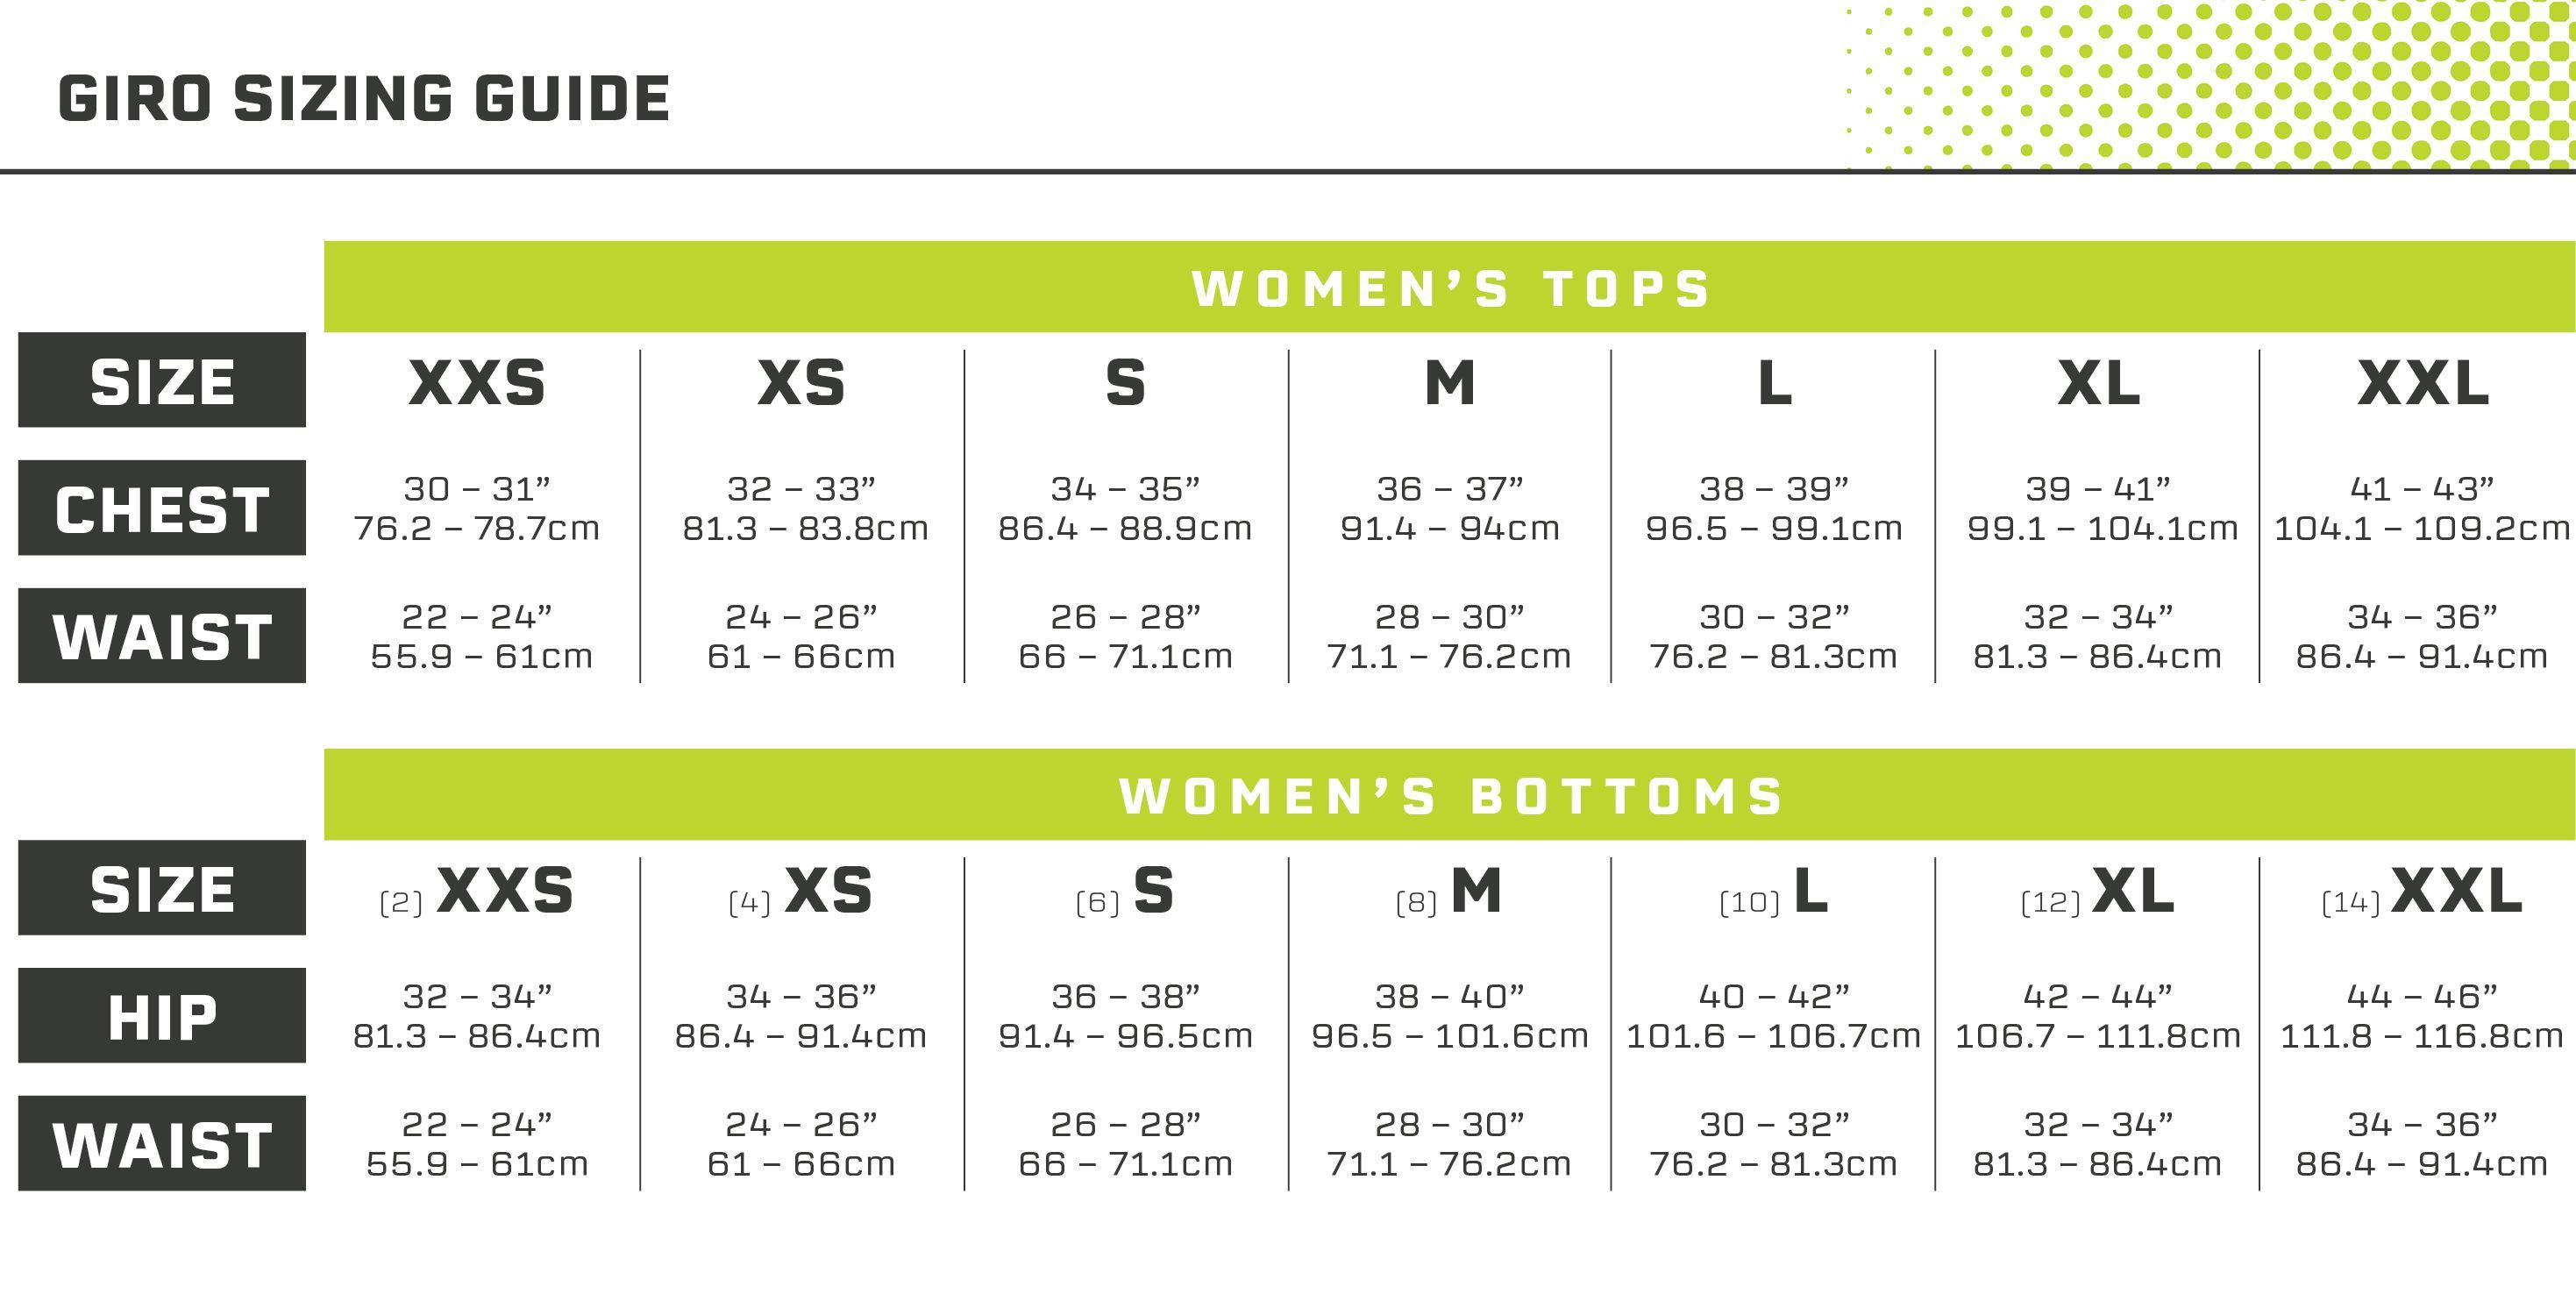 Giro Women's Size Guide